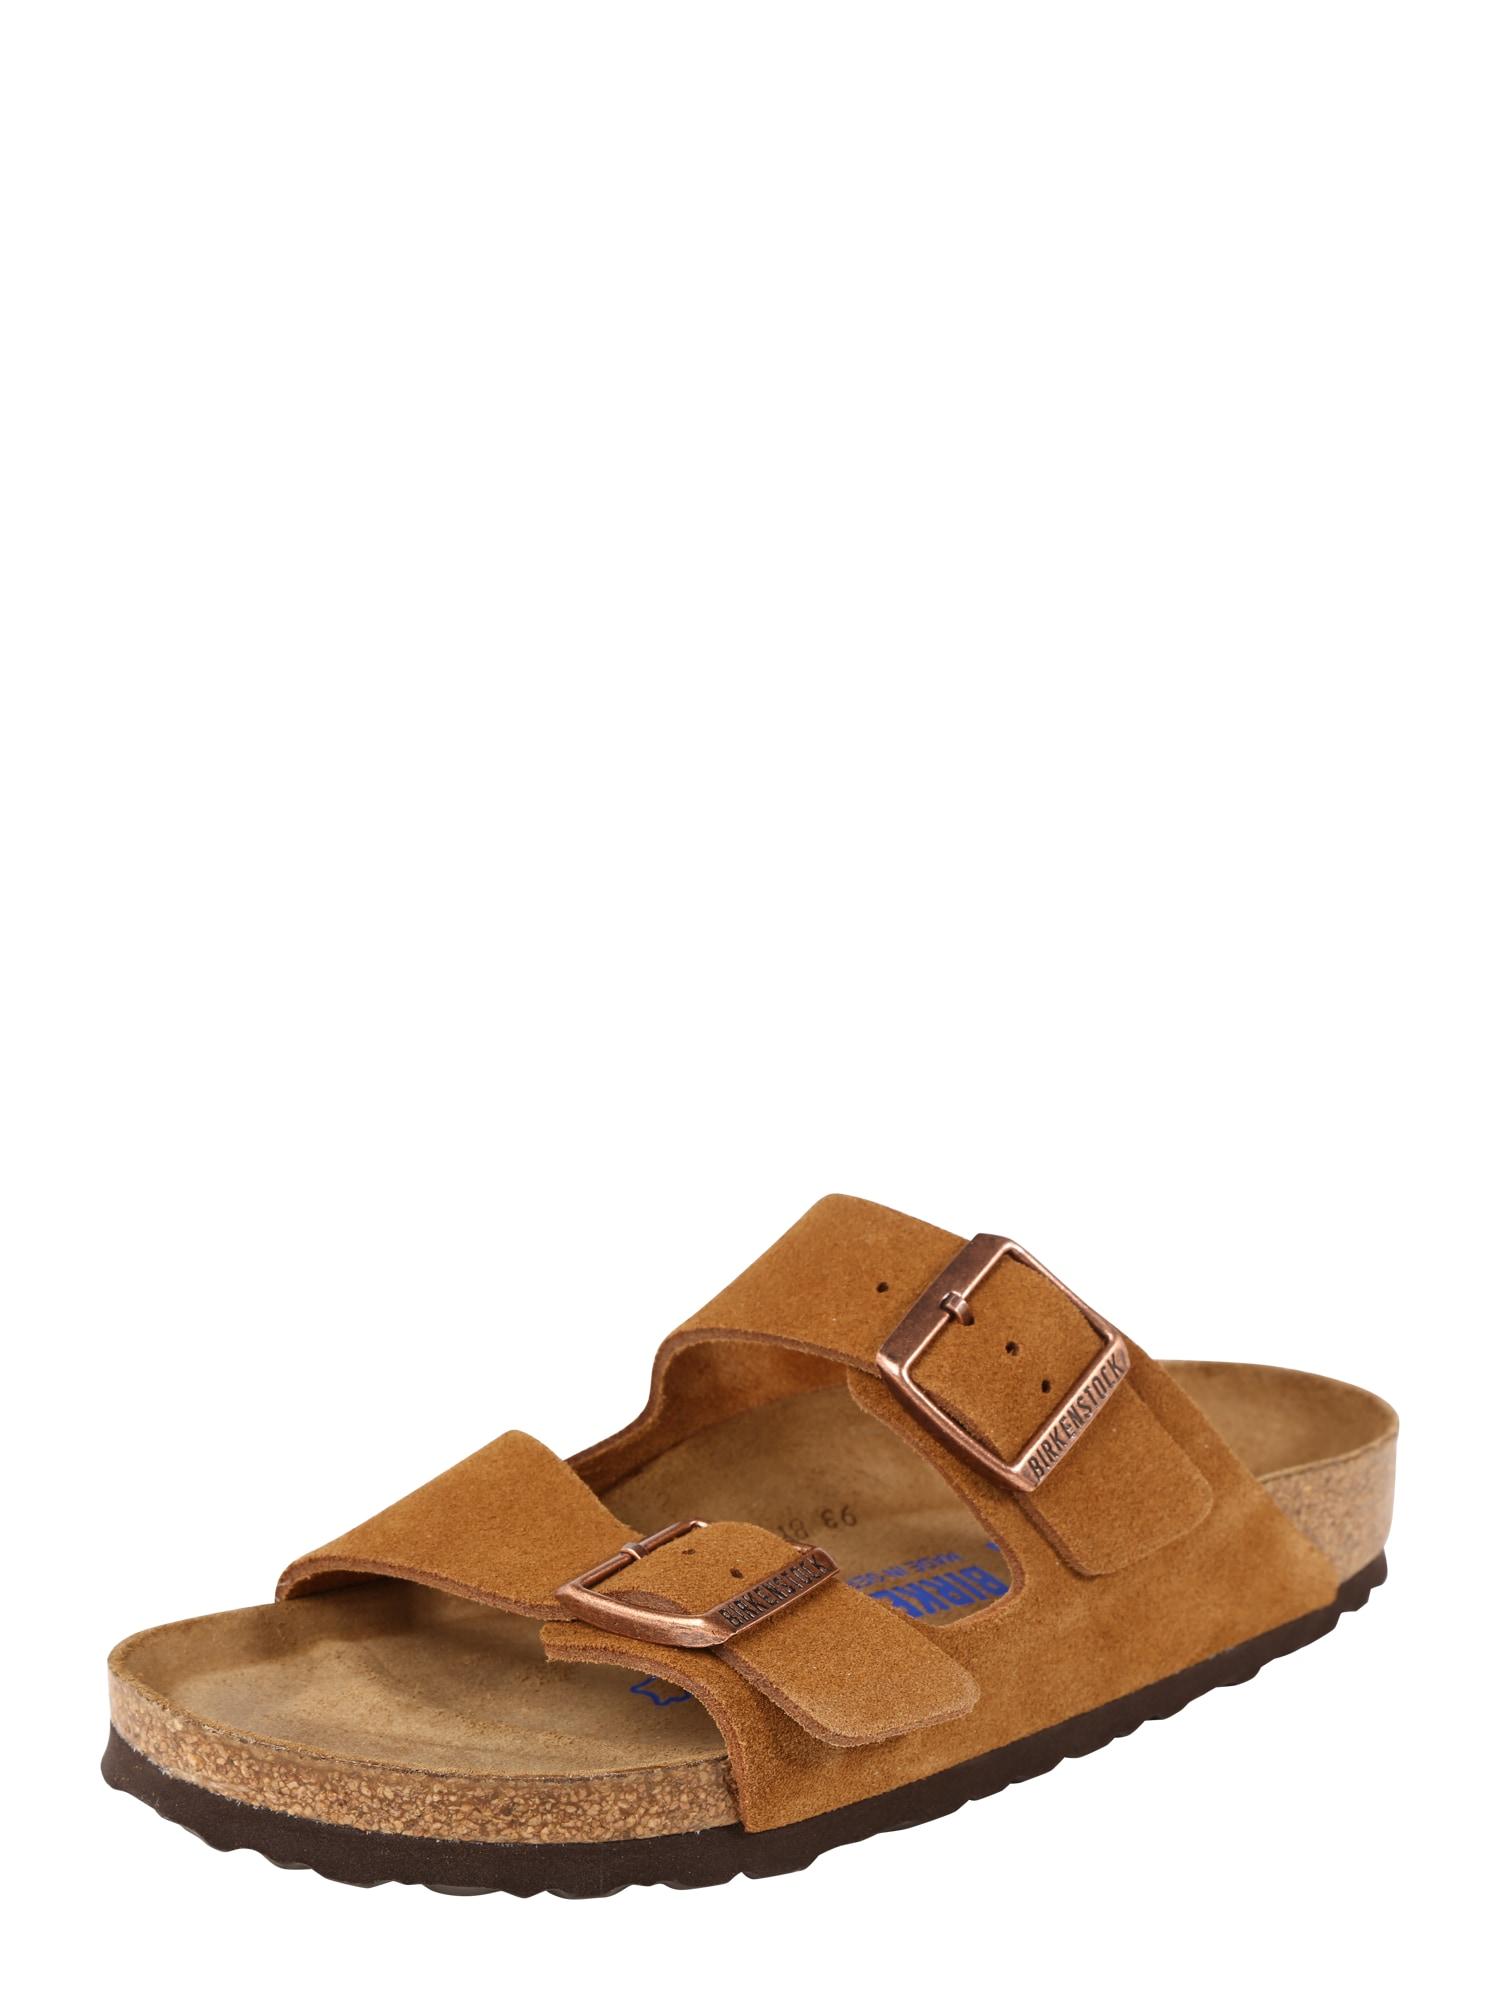 Pantofle Arizona písková BIRKENSTOCK